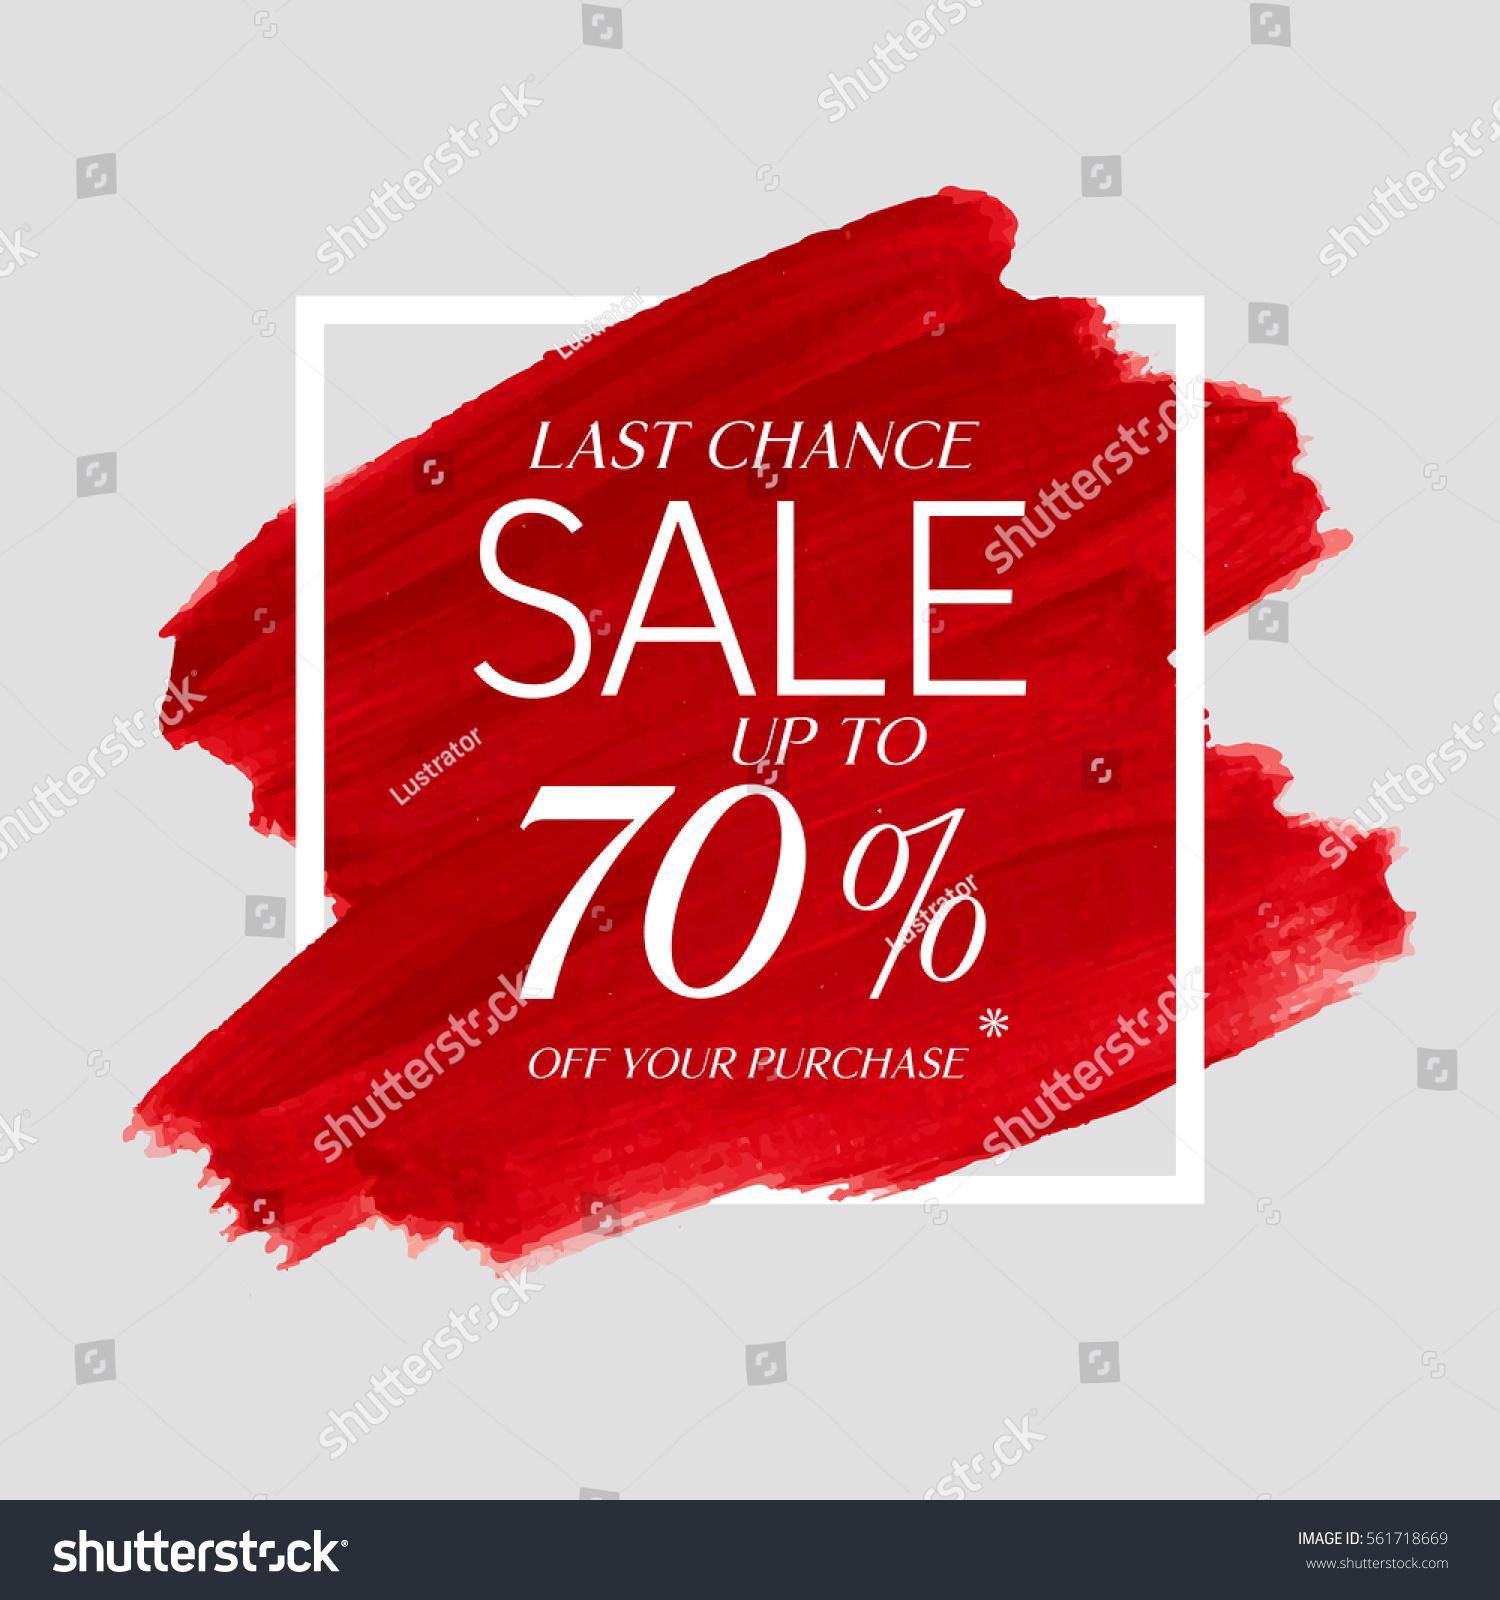 sale final 70 off sign over 561718669 shutterstock. Black Bedroom Furniture Sets. Home Design Ideas